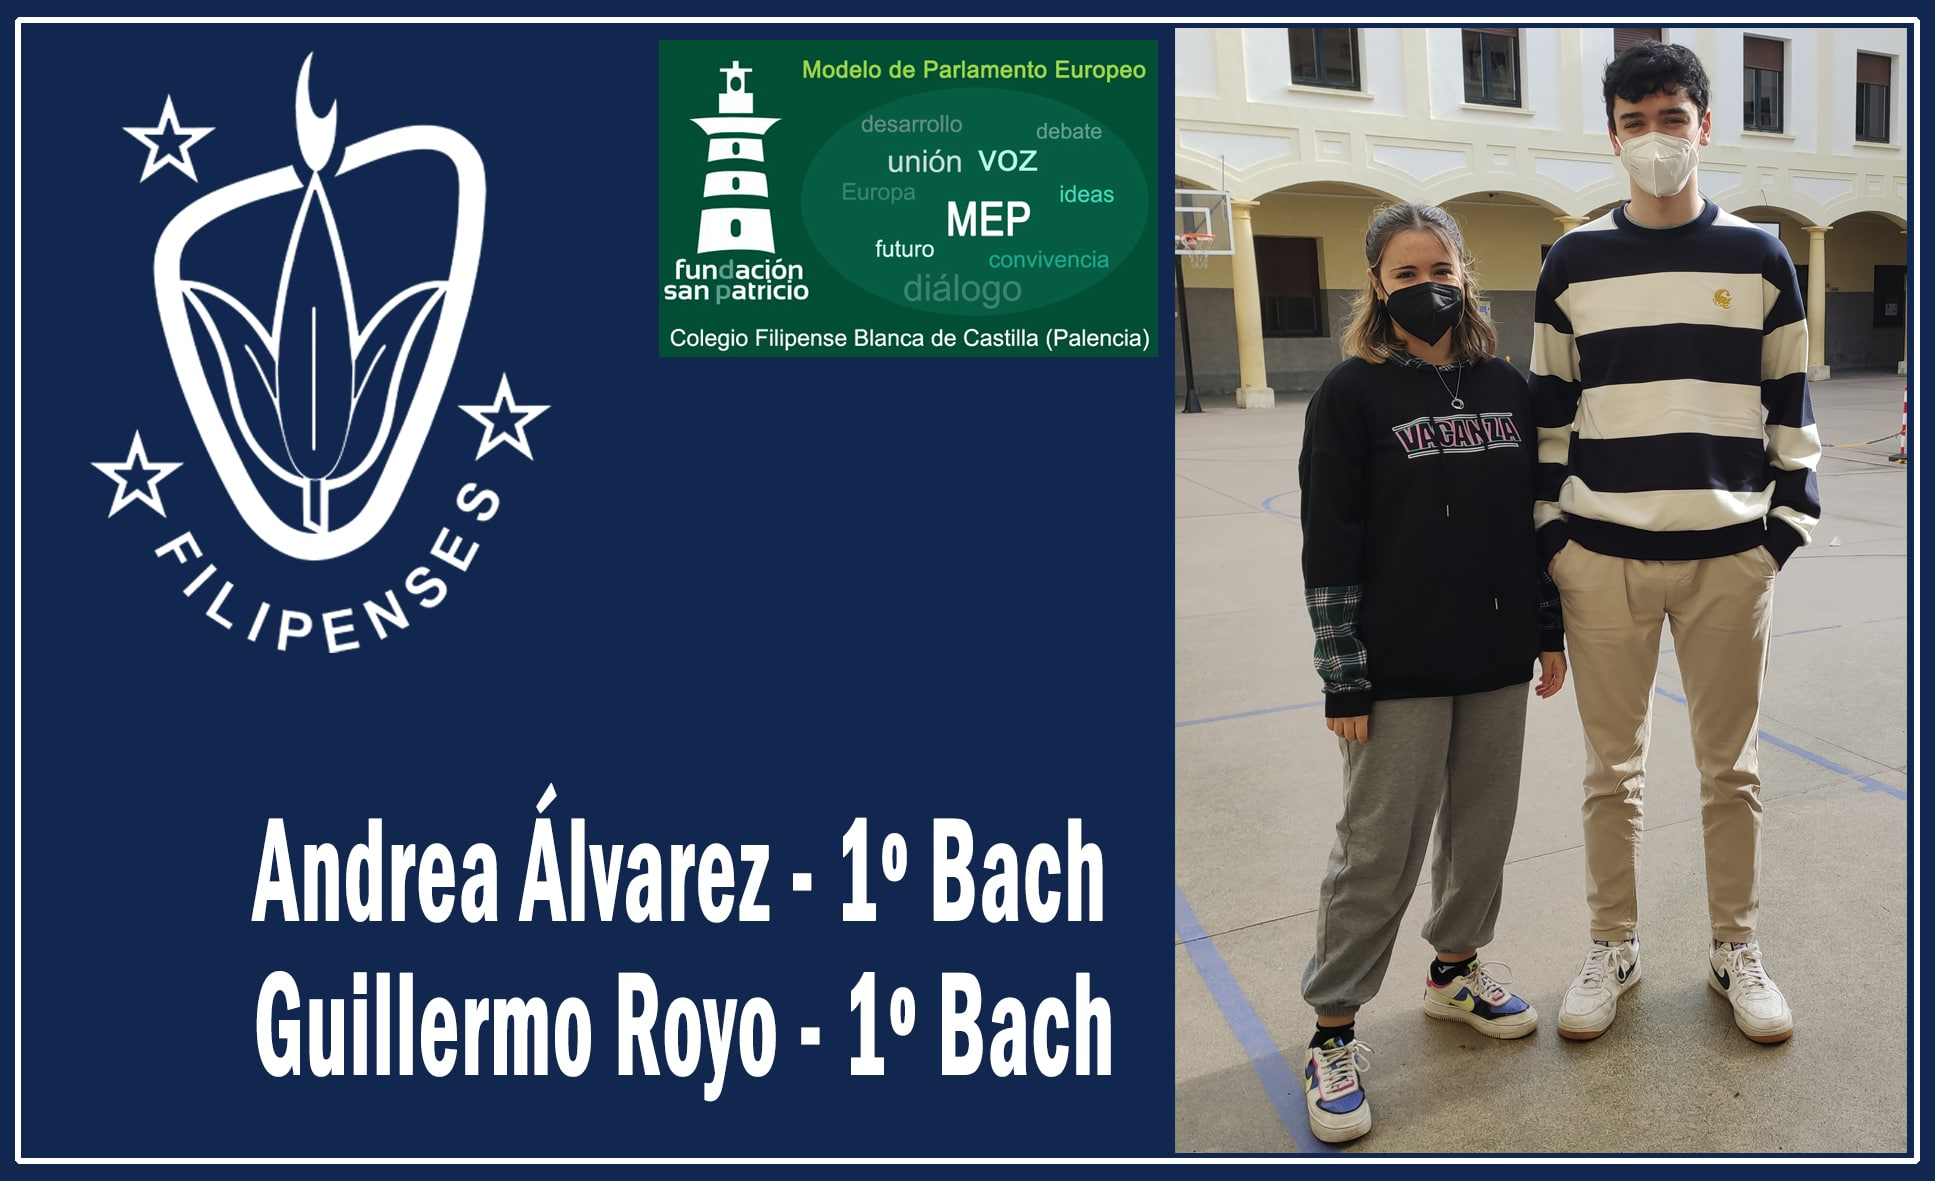 Andrea Álvarez y Guillermo Royo del Colegio Blanca de Castilla de Palencia seleccionados para la fase nacional del Modelo de Parlamento Europeo.